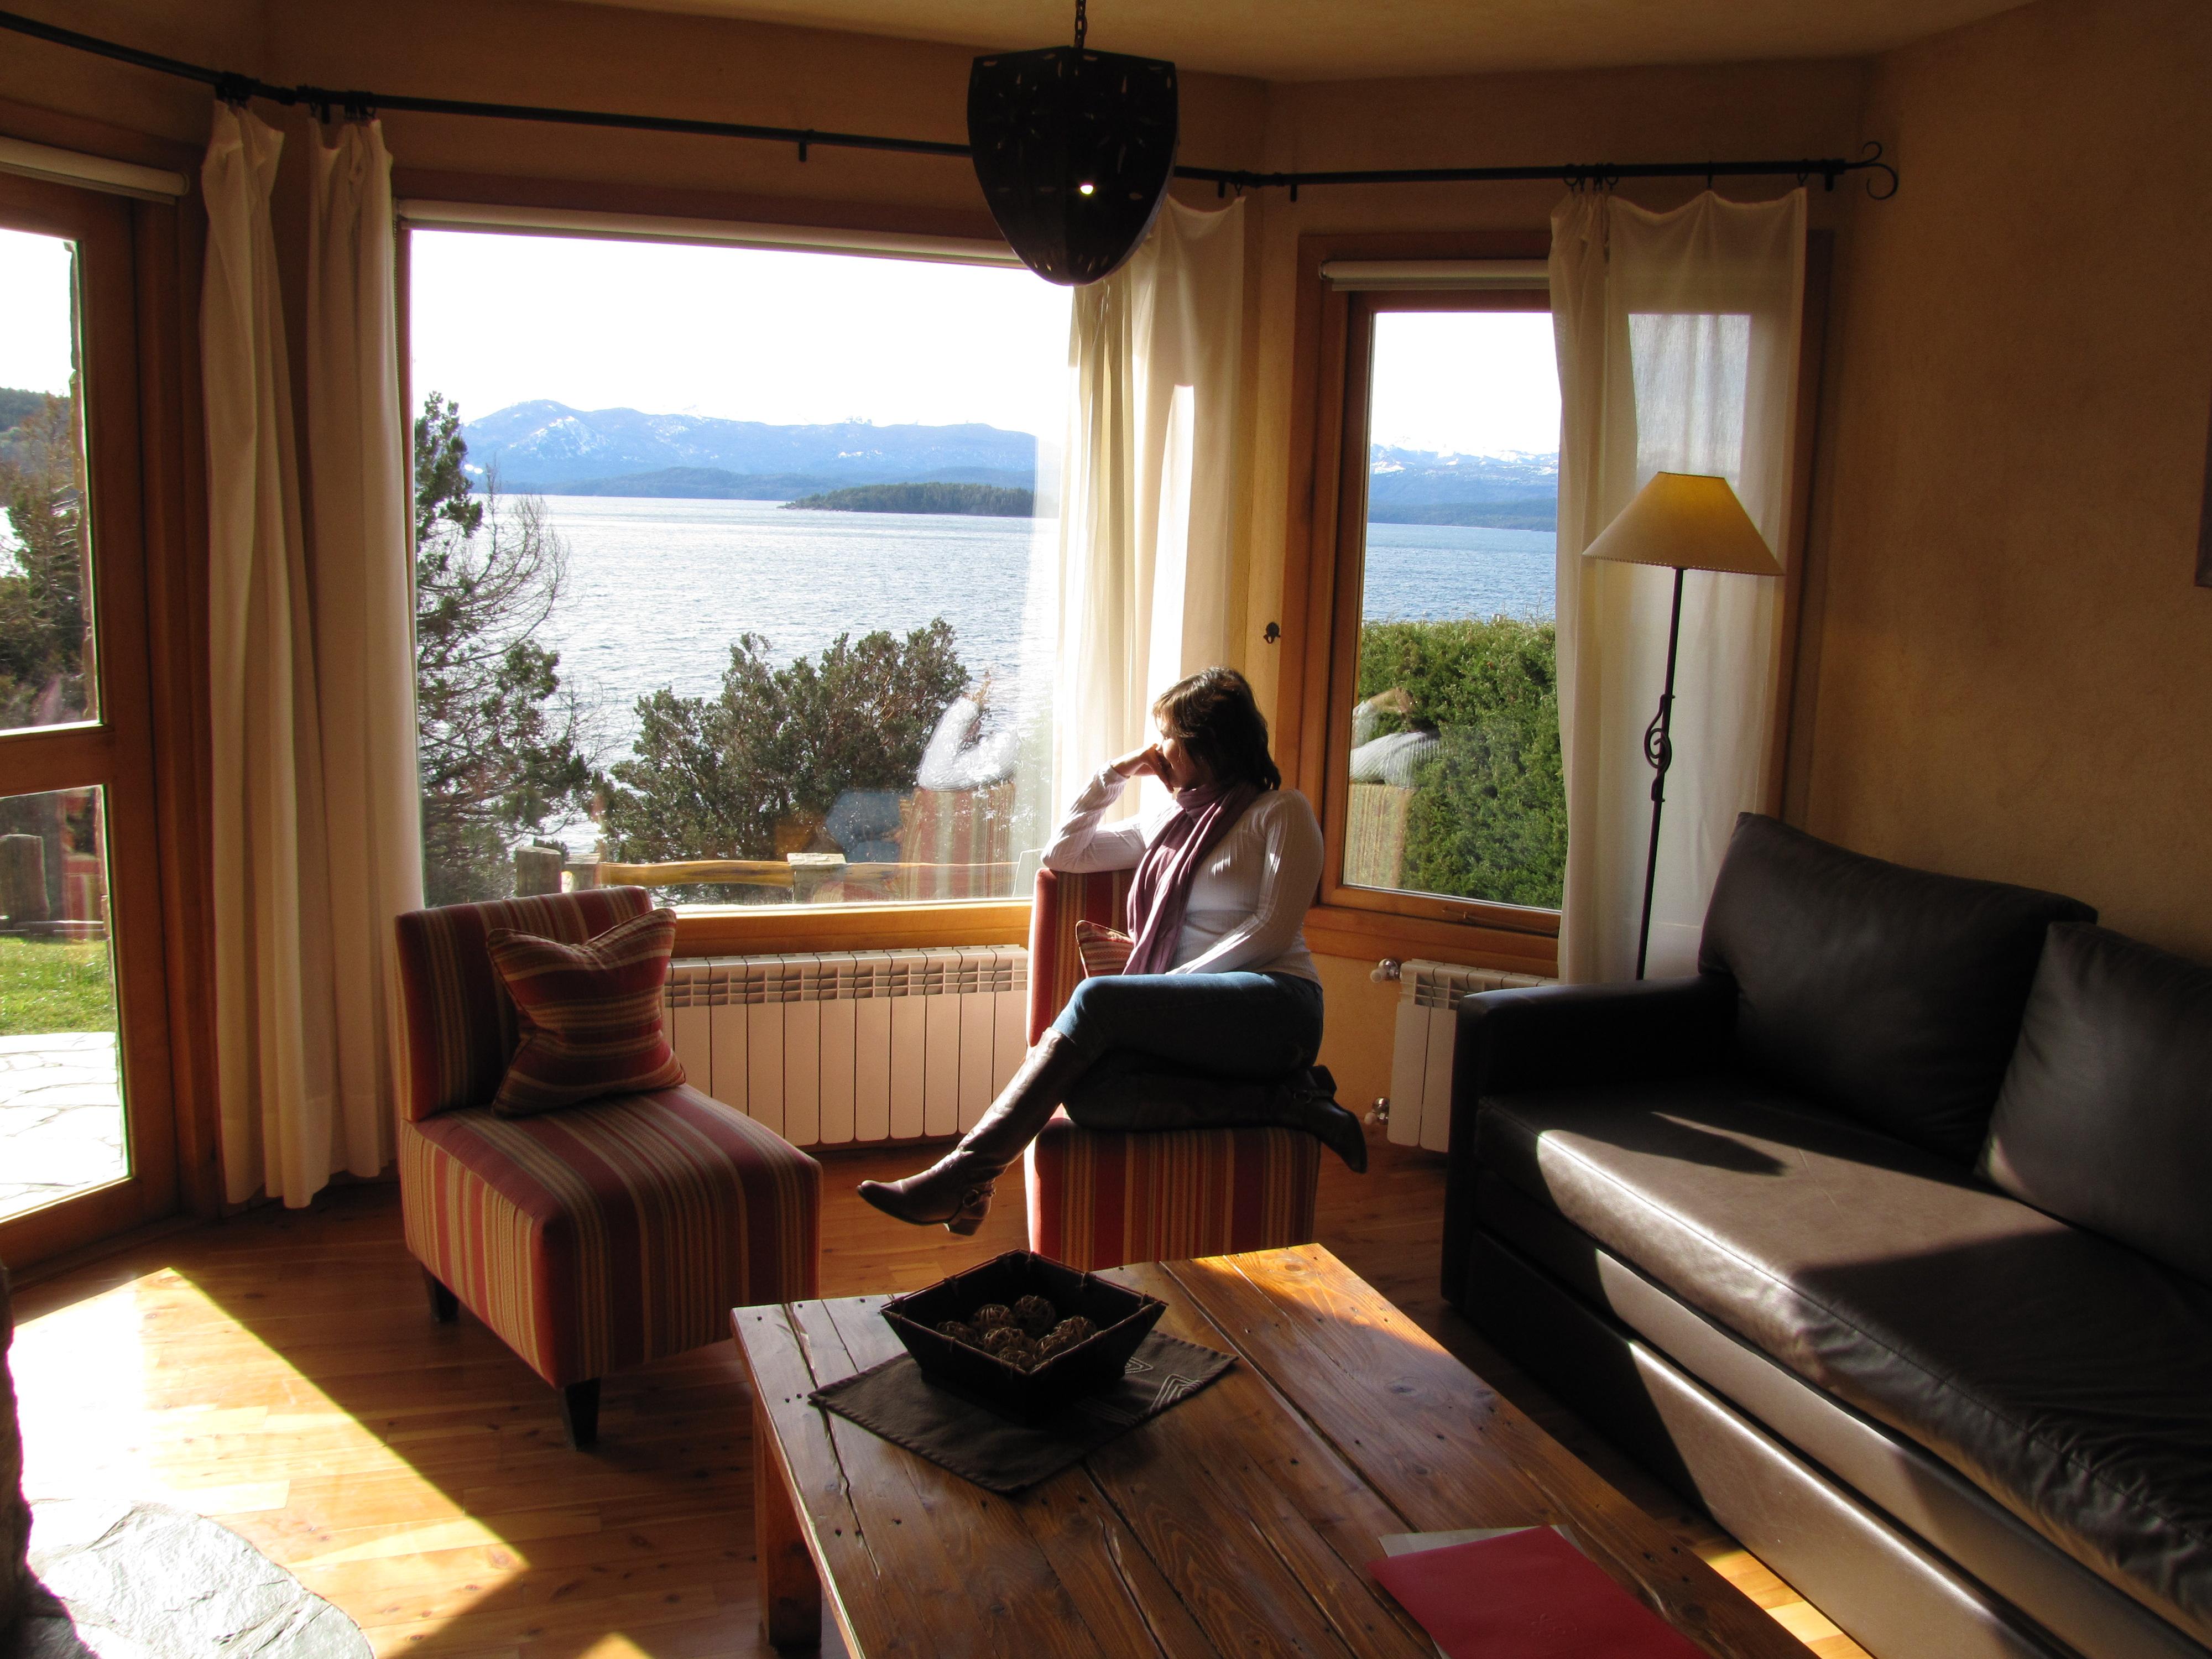 #2766A4 Hotel Lirolay em Bariloche – uma cabana de montanha para chamar de  470 Janelas Duplas Isolamento